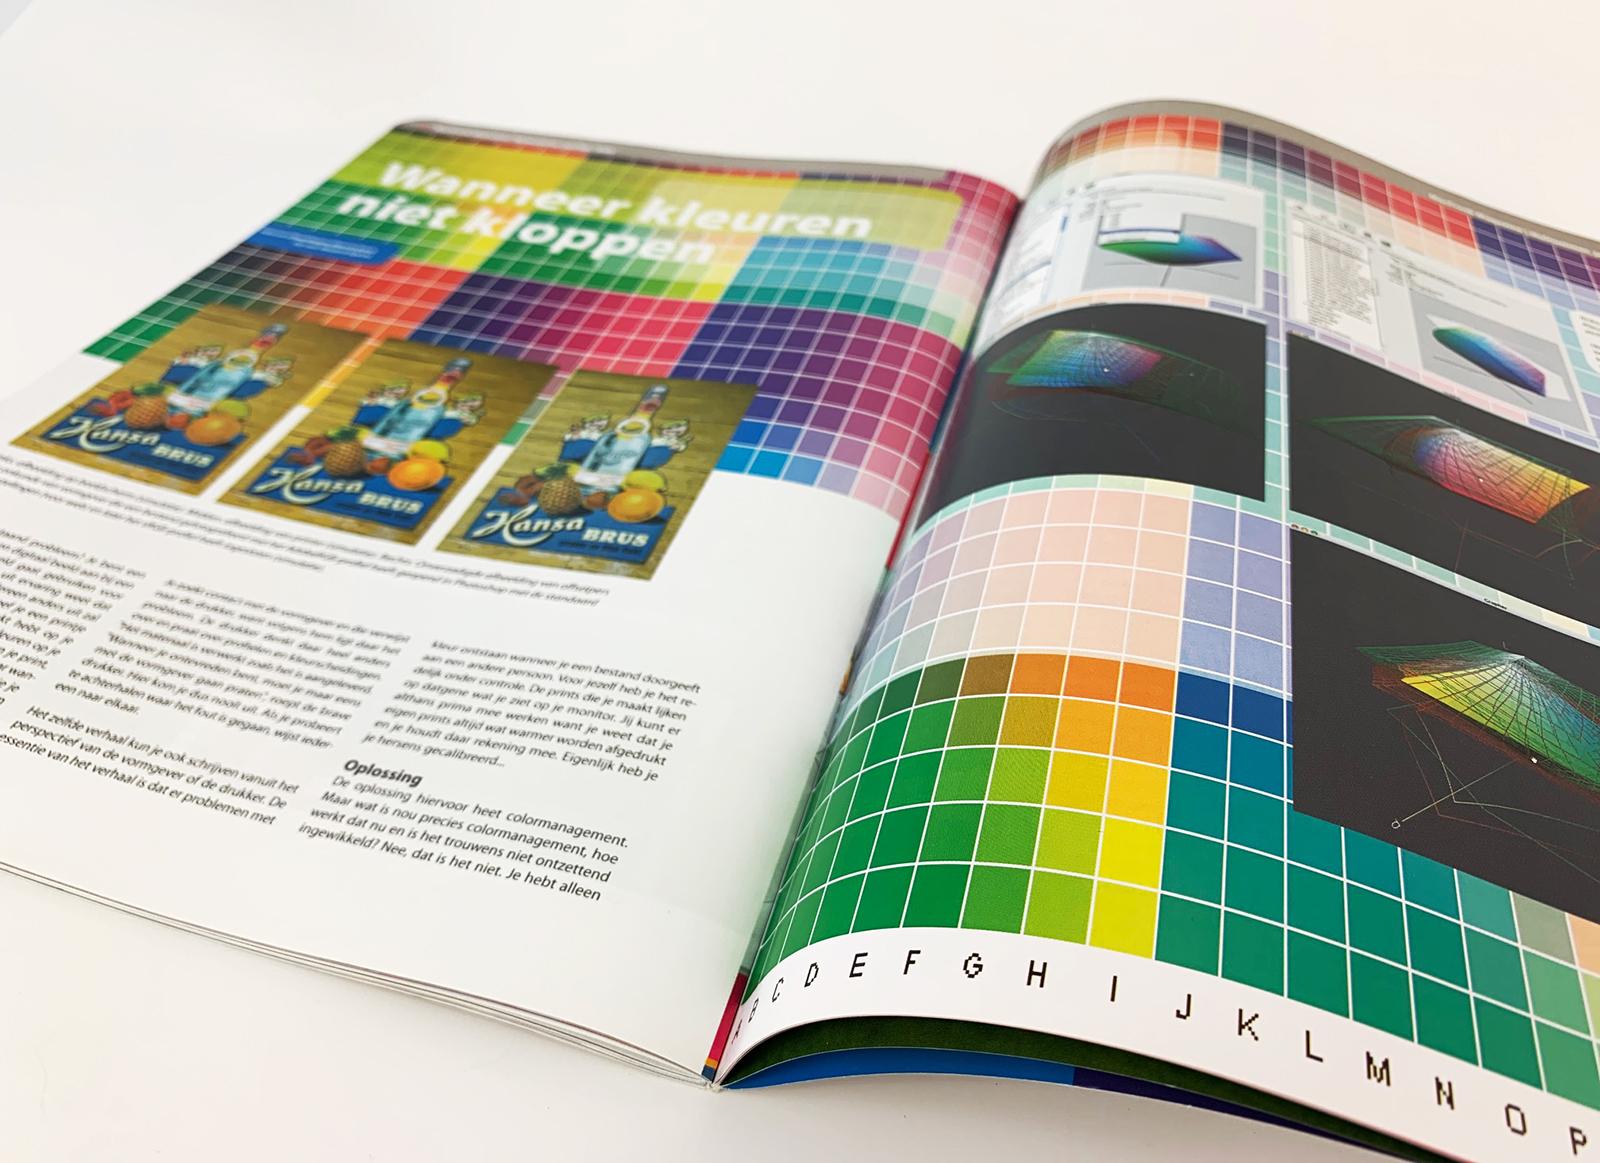 MacFreak artikel over kleuren spread 2